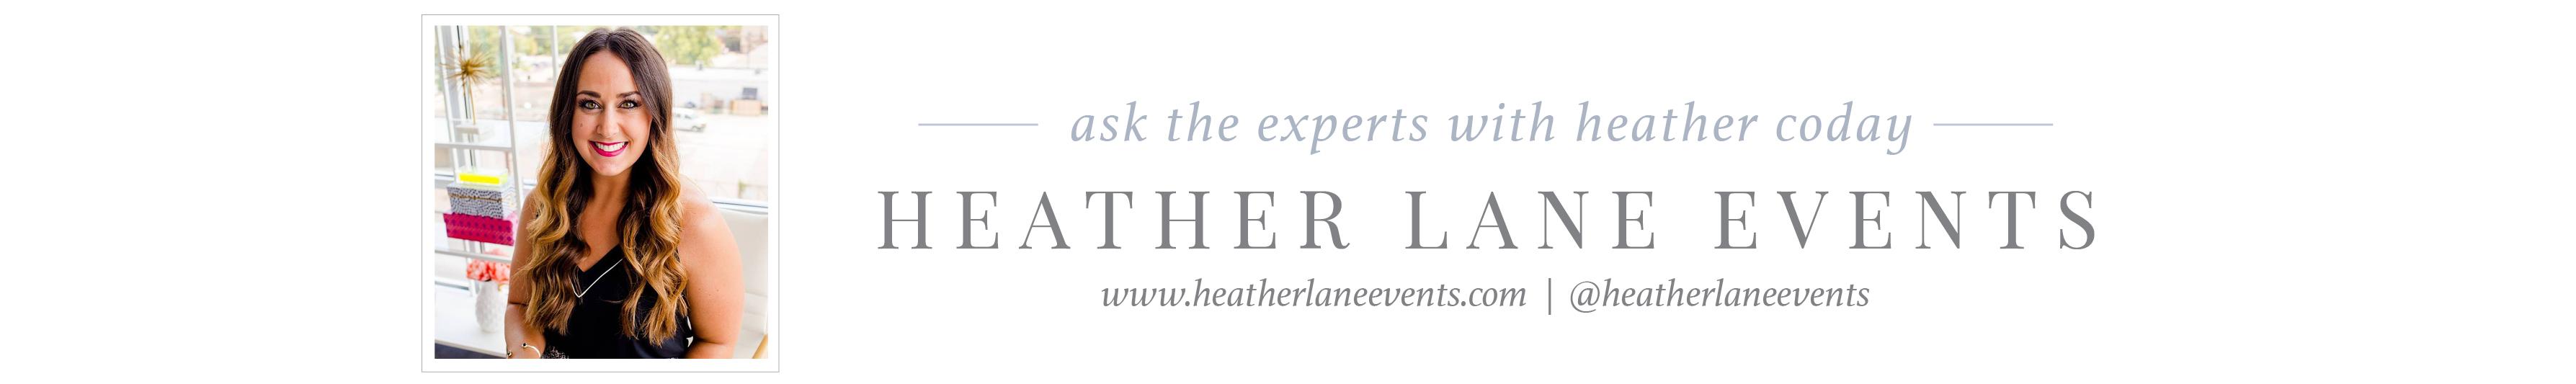 heather lane events wedding planner